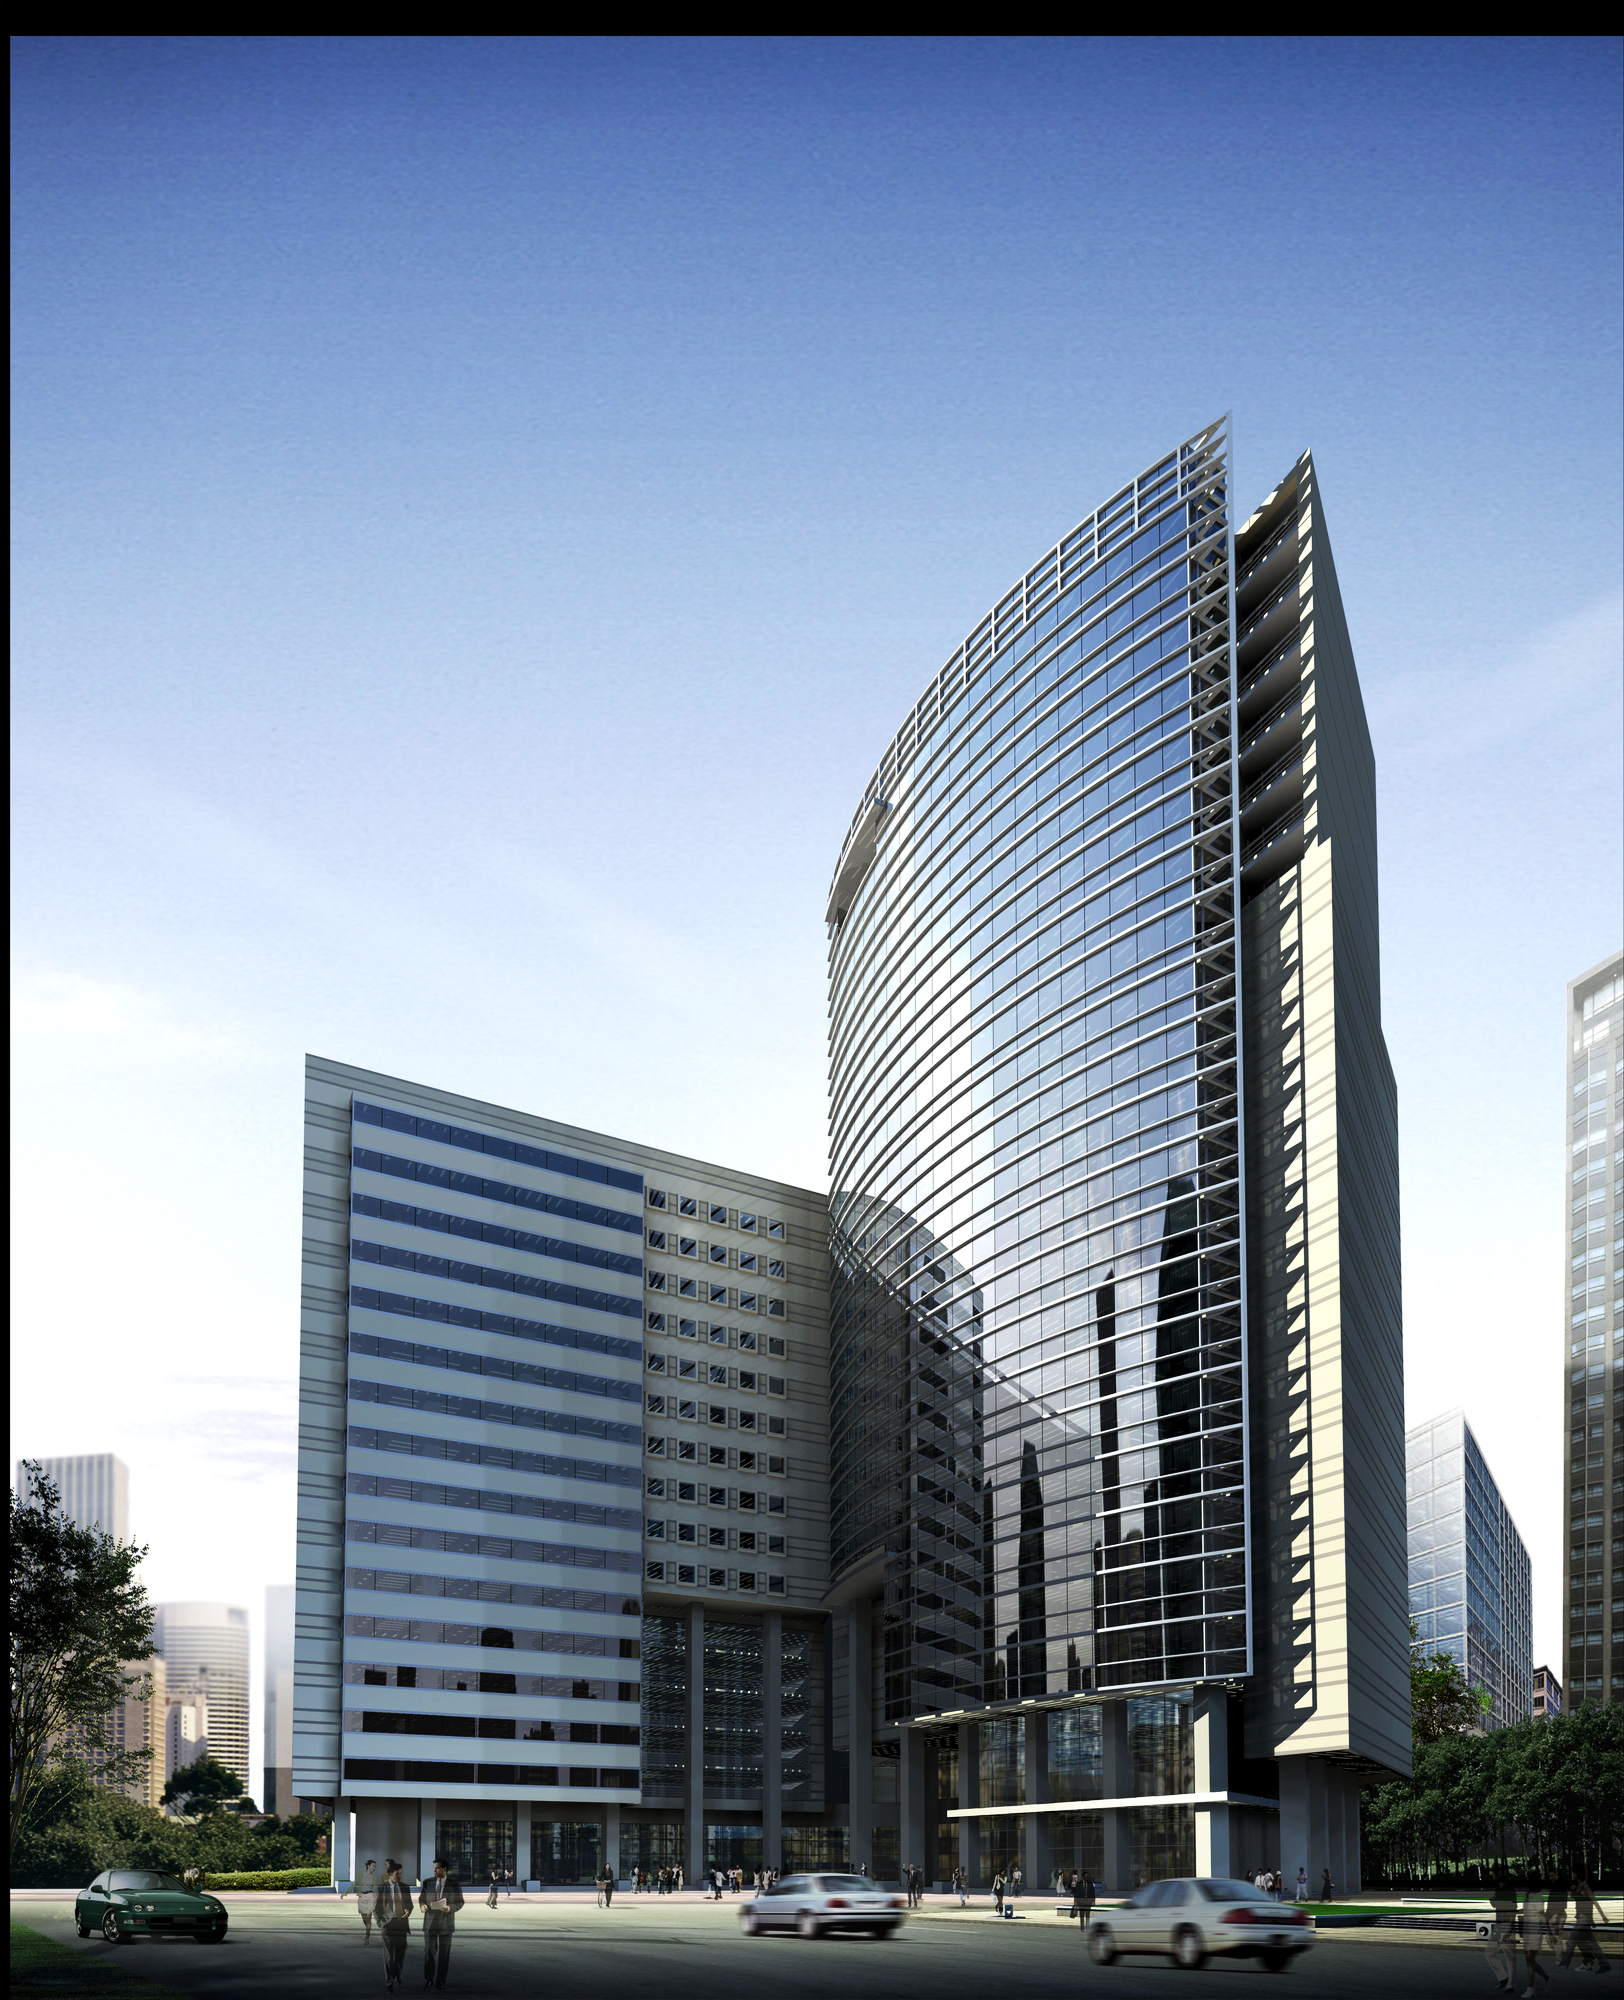 عمارت 055 3D ماڈل زیادہ سے زیادہ 133552